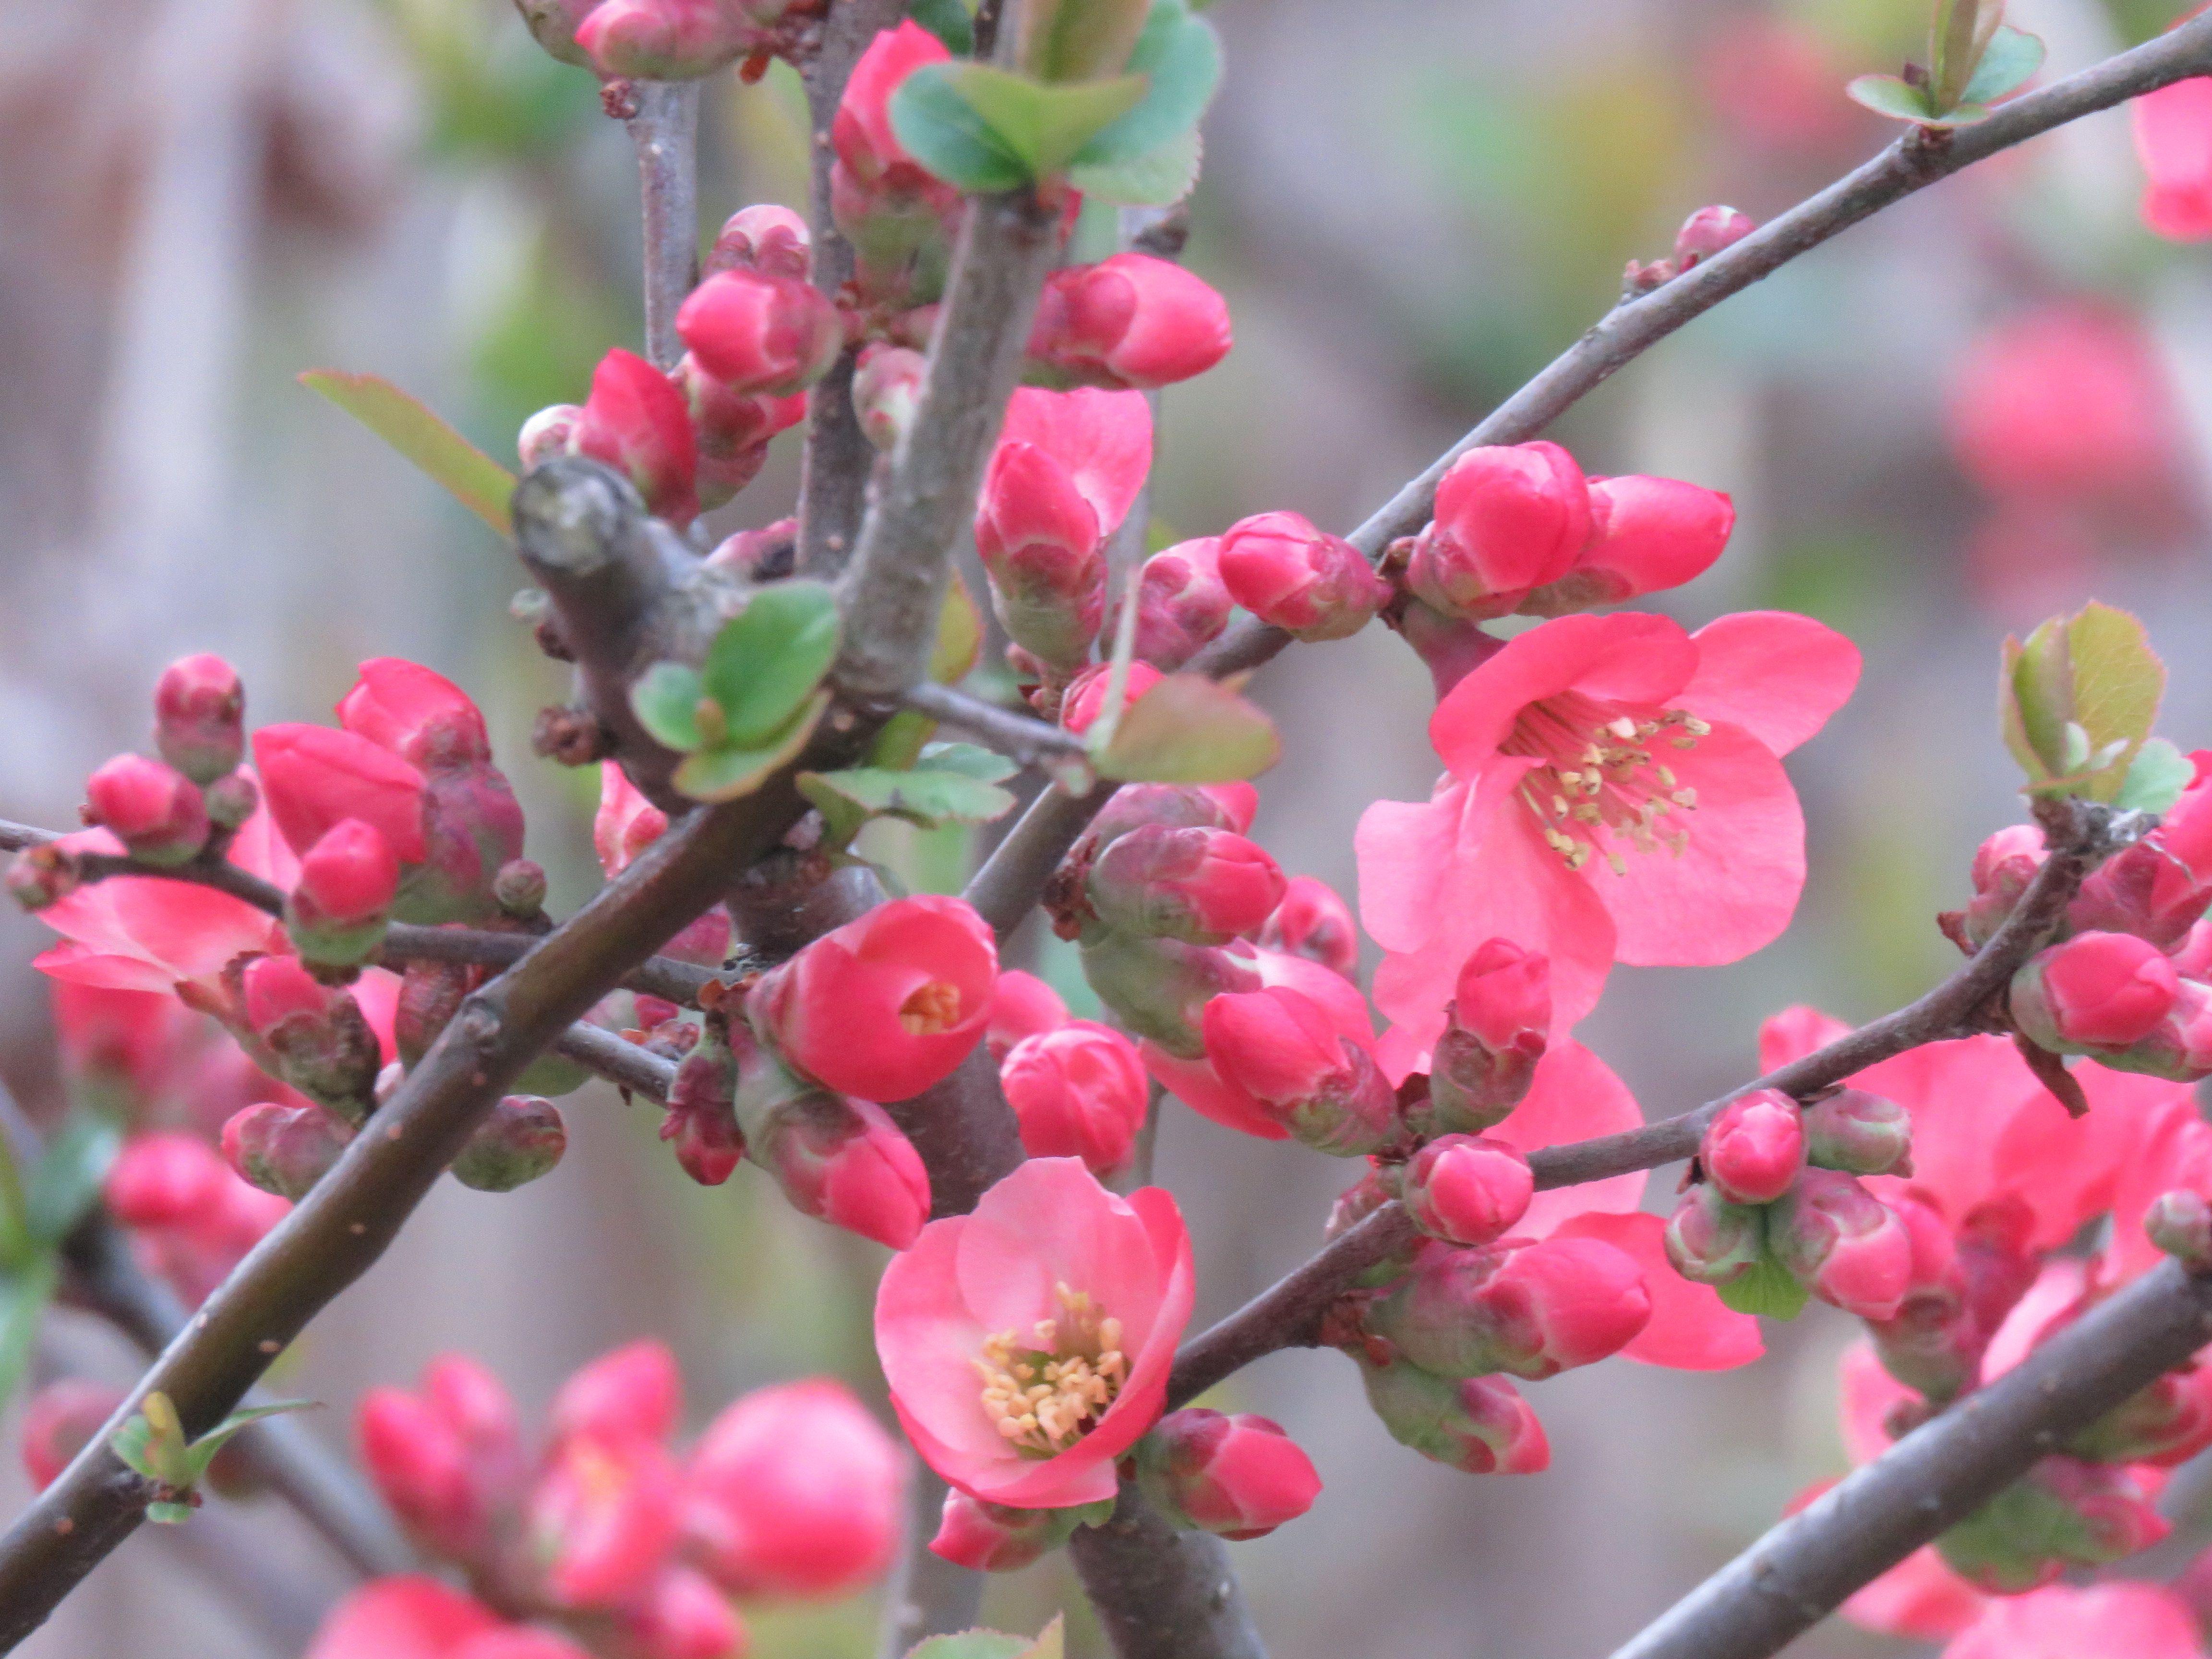 ボケの花 Flowering Quince 05 April 2019 花 ボケ